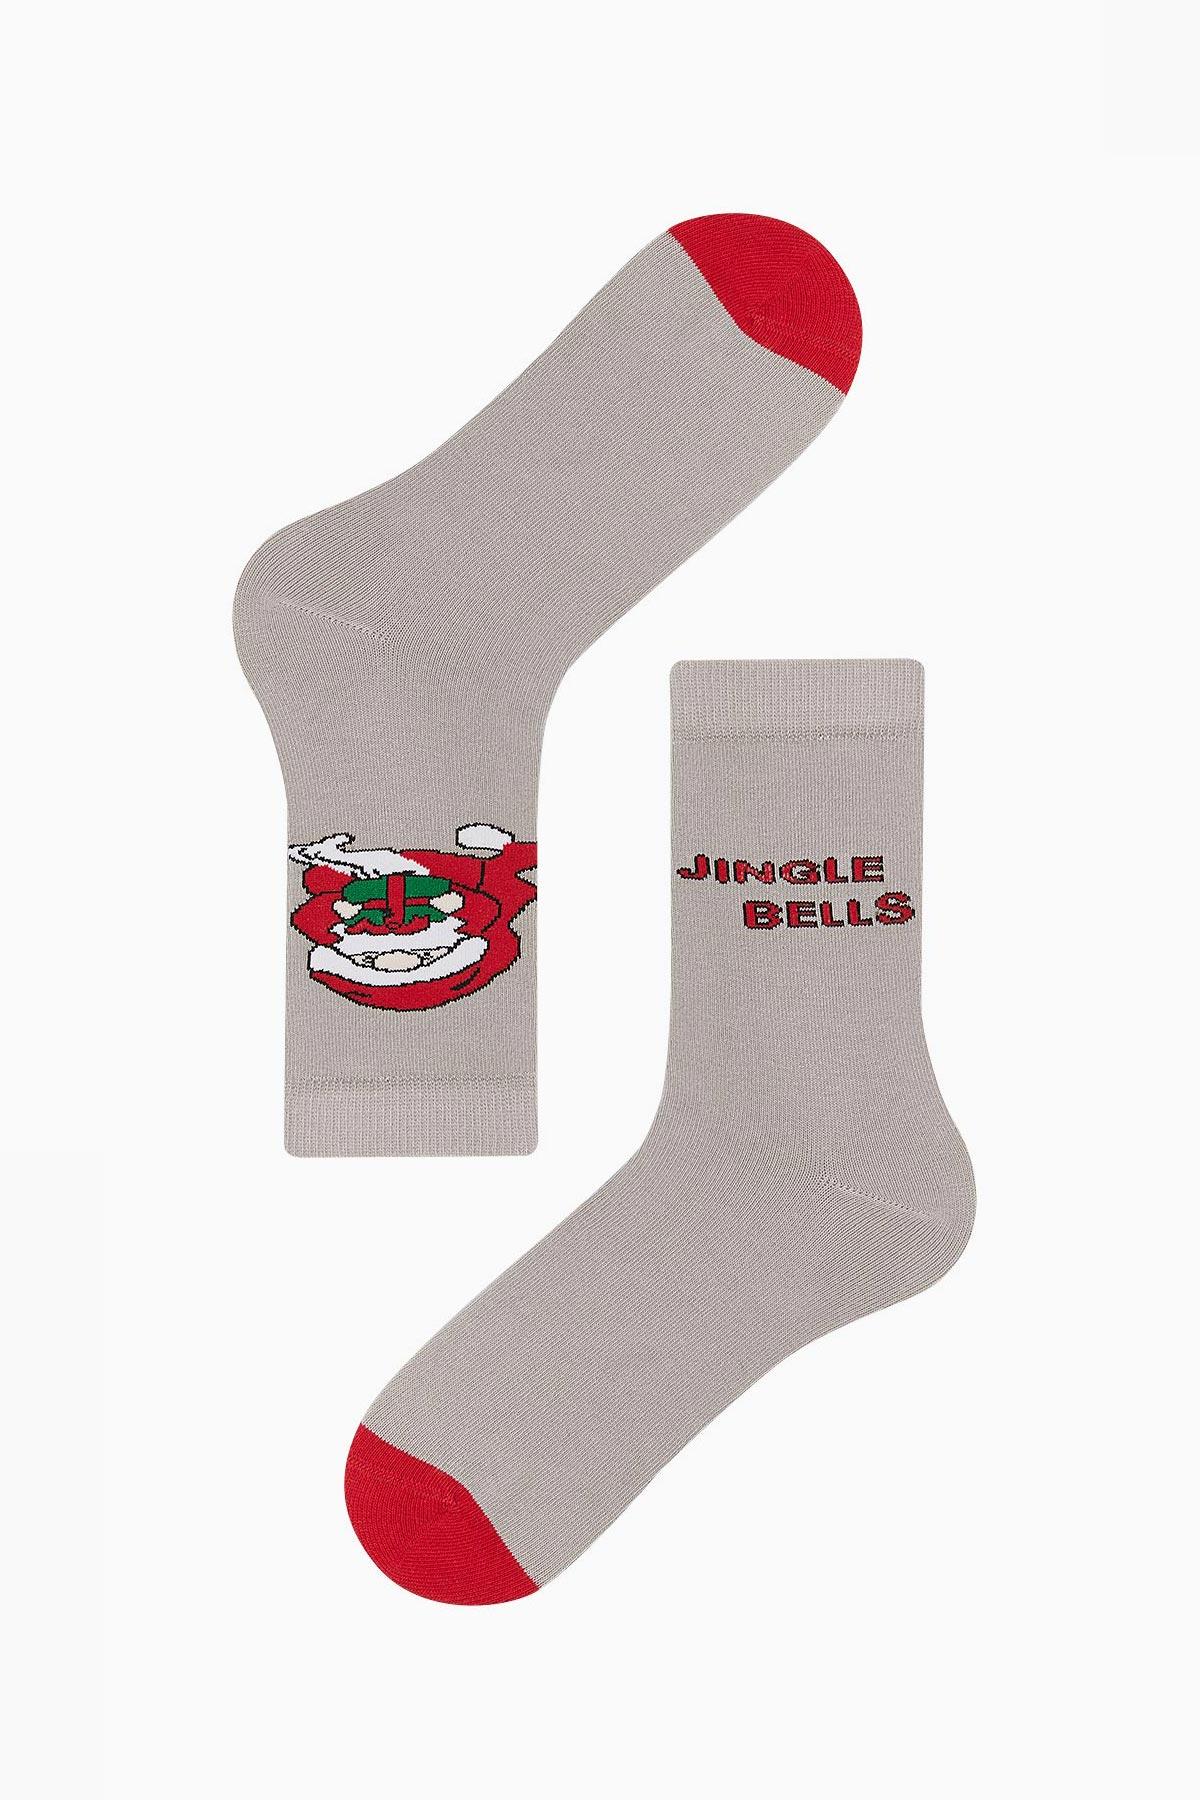 Bross Jingle Bells Yazılı Unisex Yılbaşı Çorabı